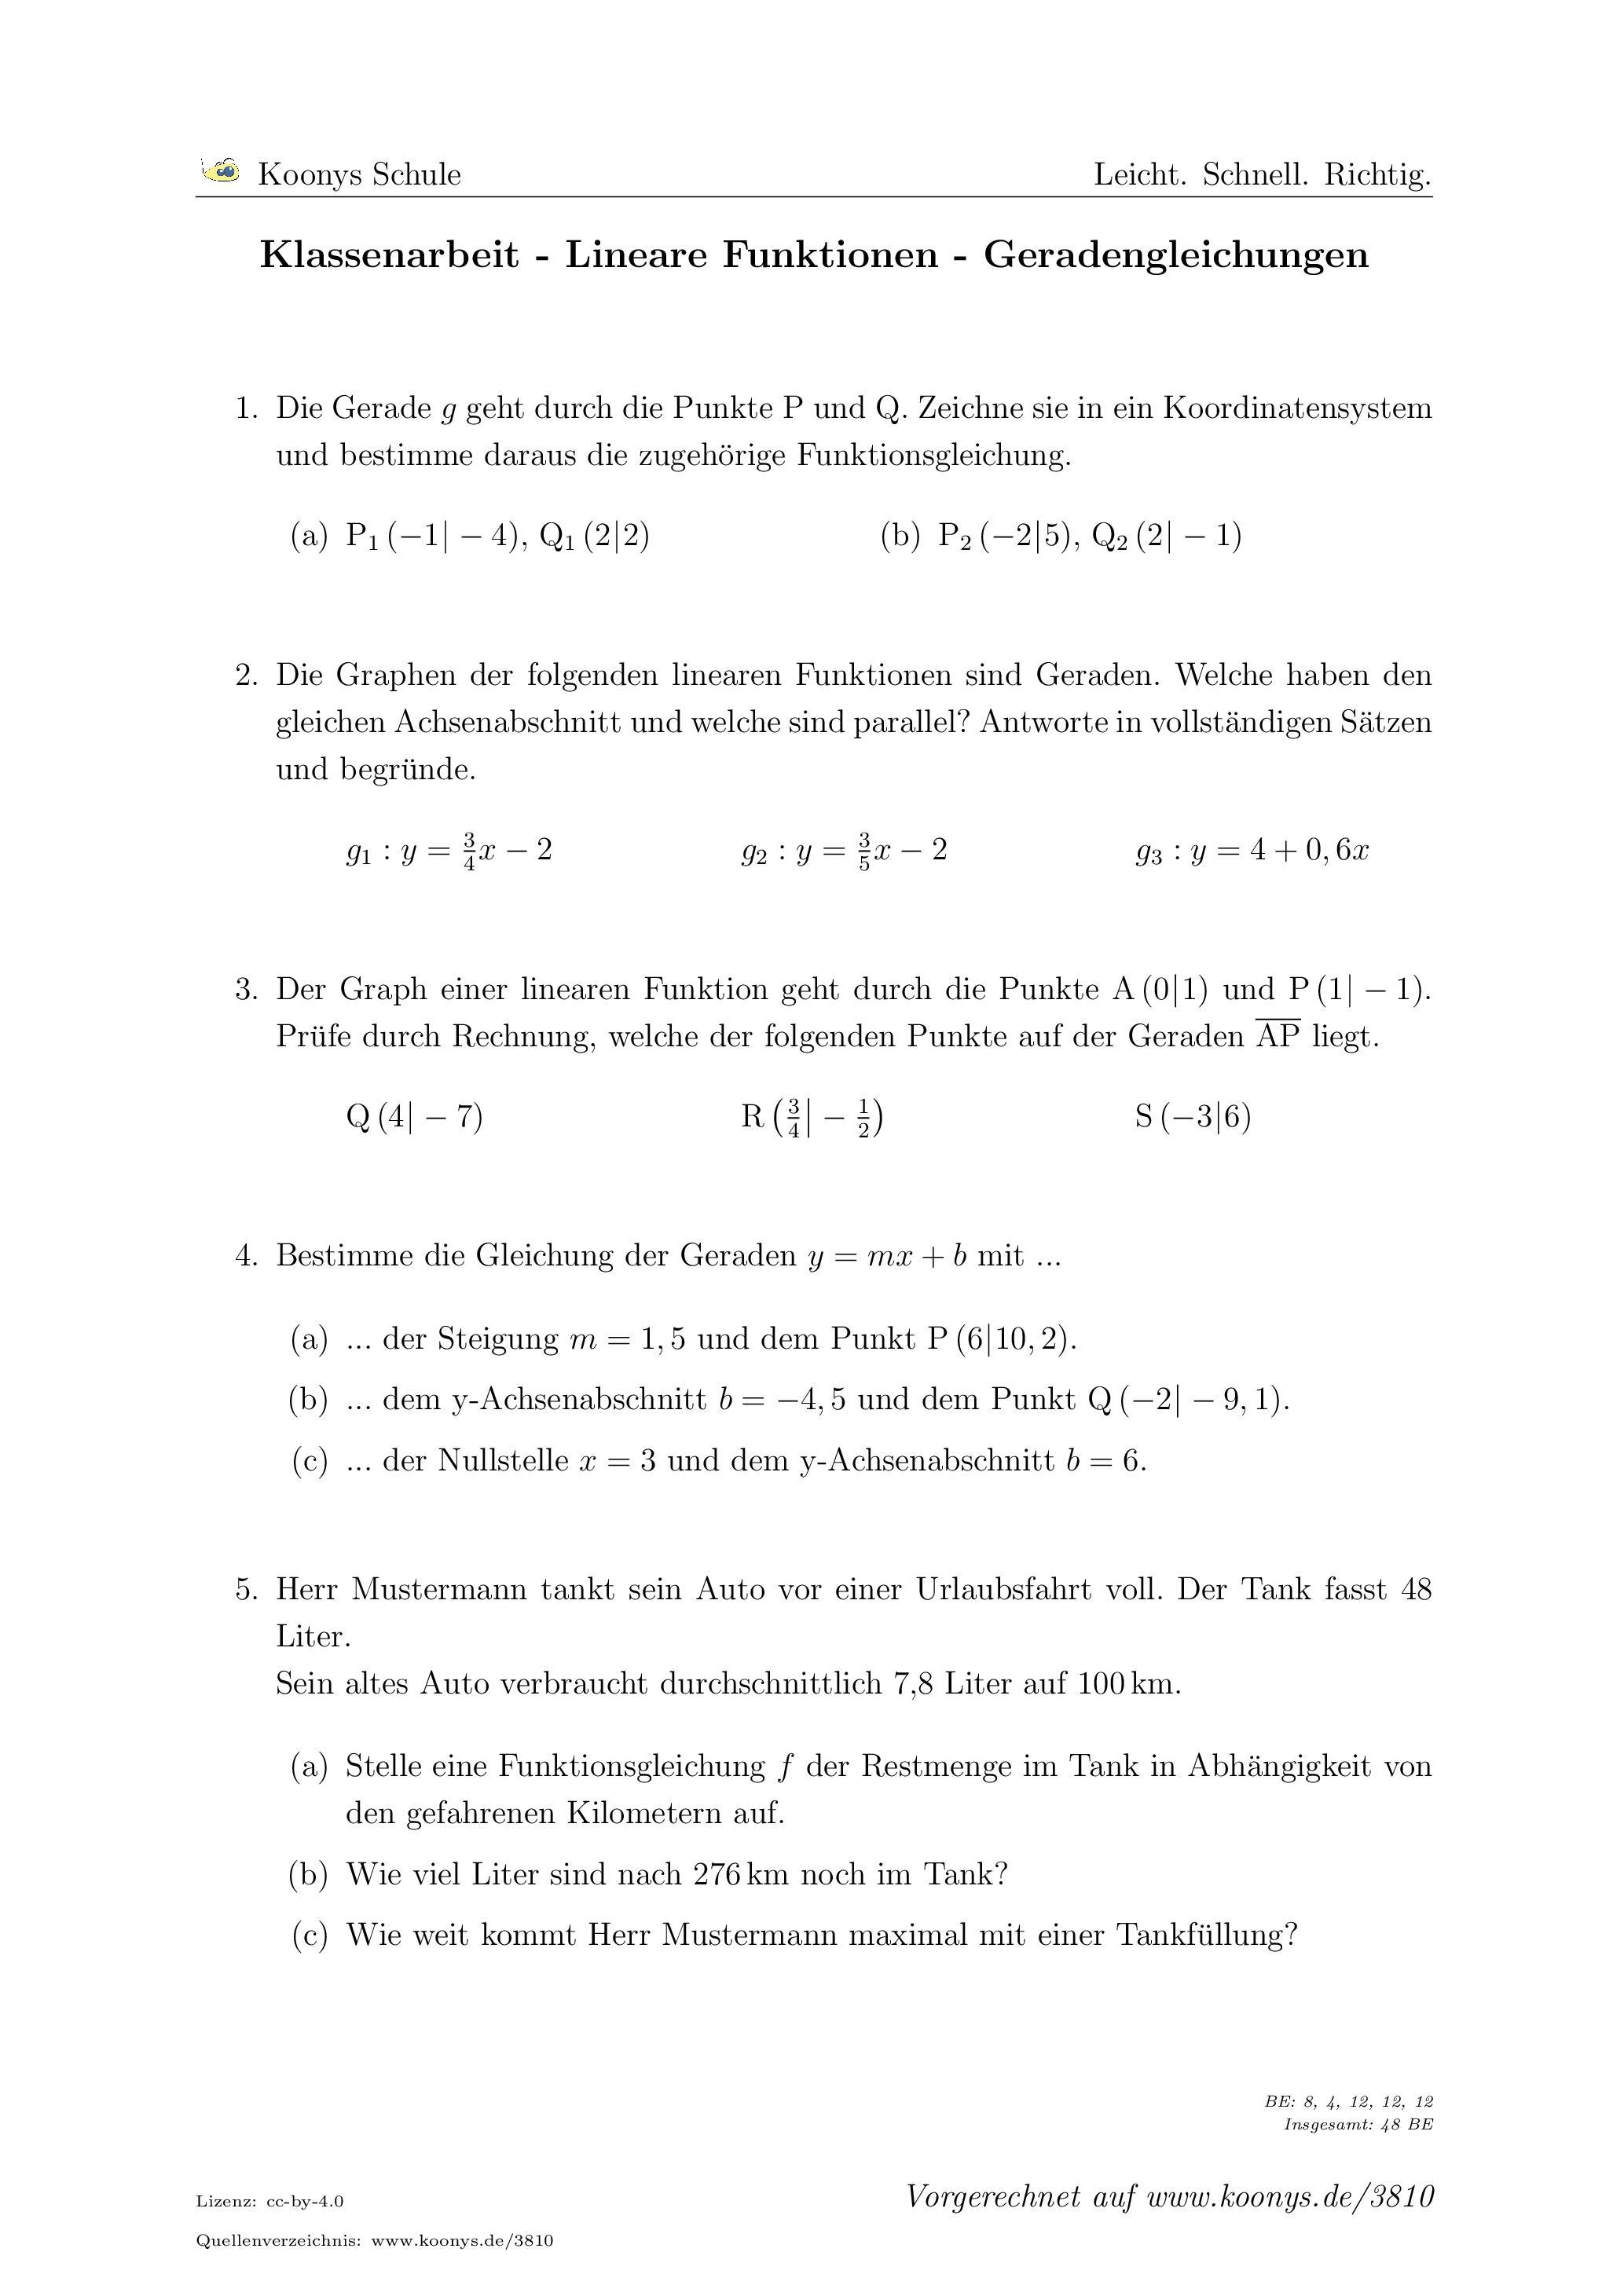 Aufgaben Klassenarbeit - Lineare Funktionen - Geradengleichungen mit ...